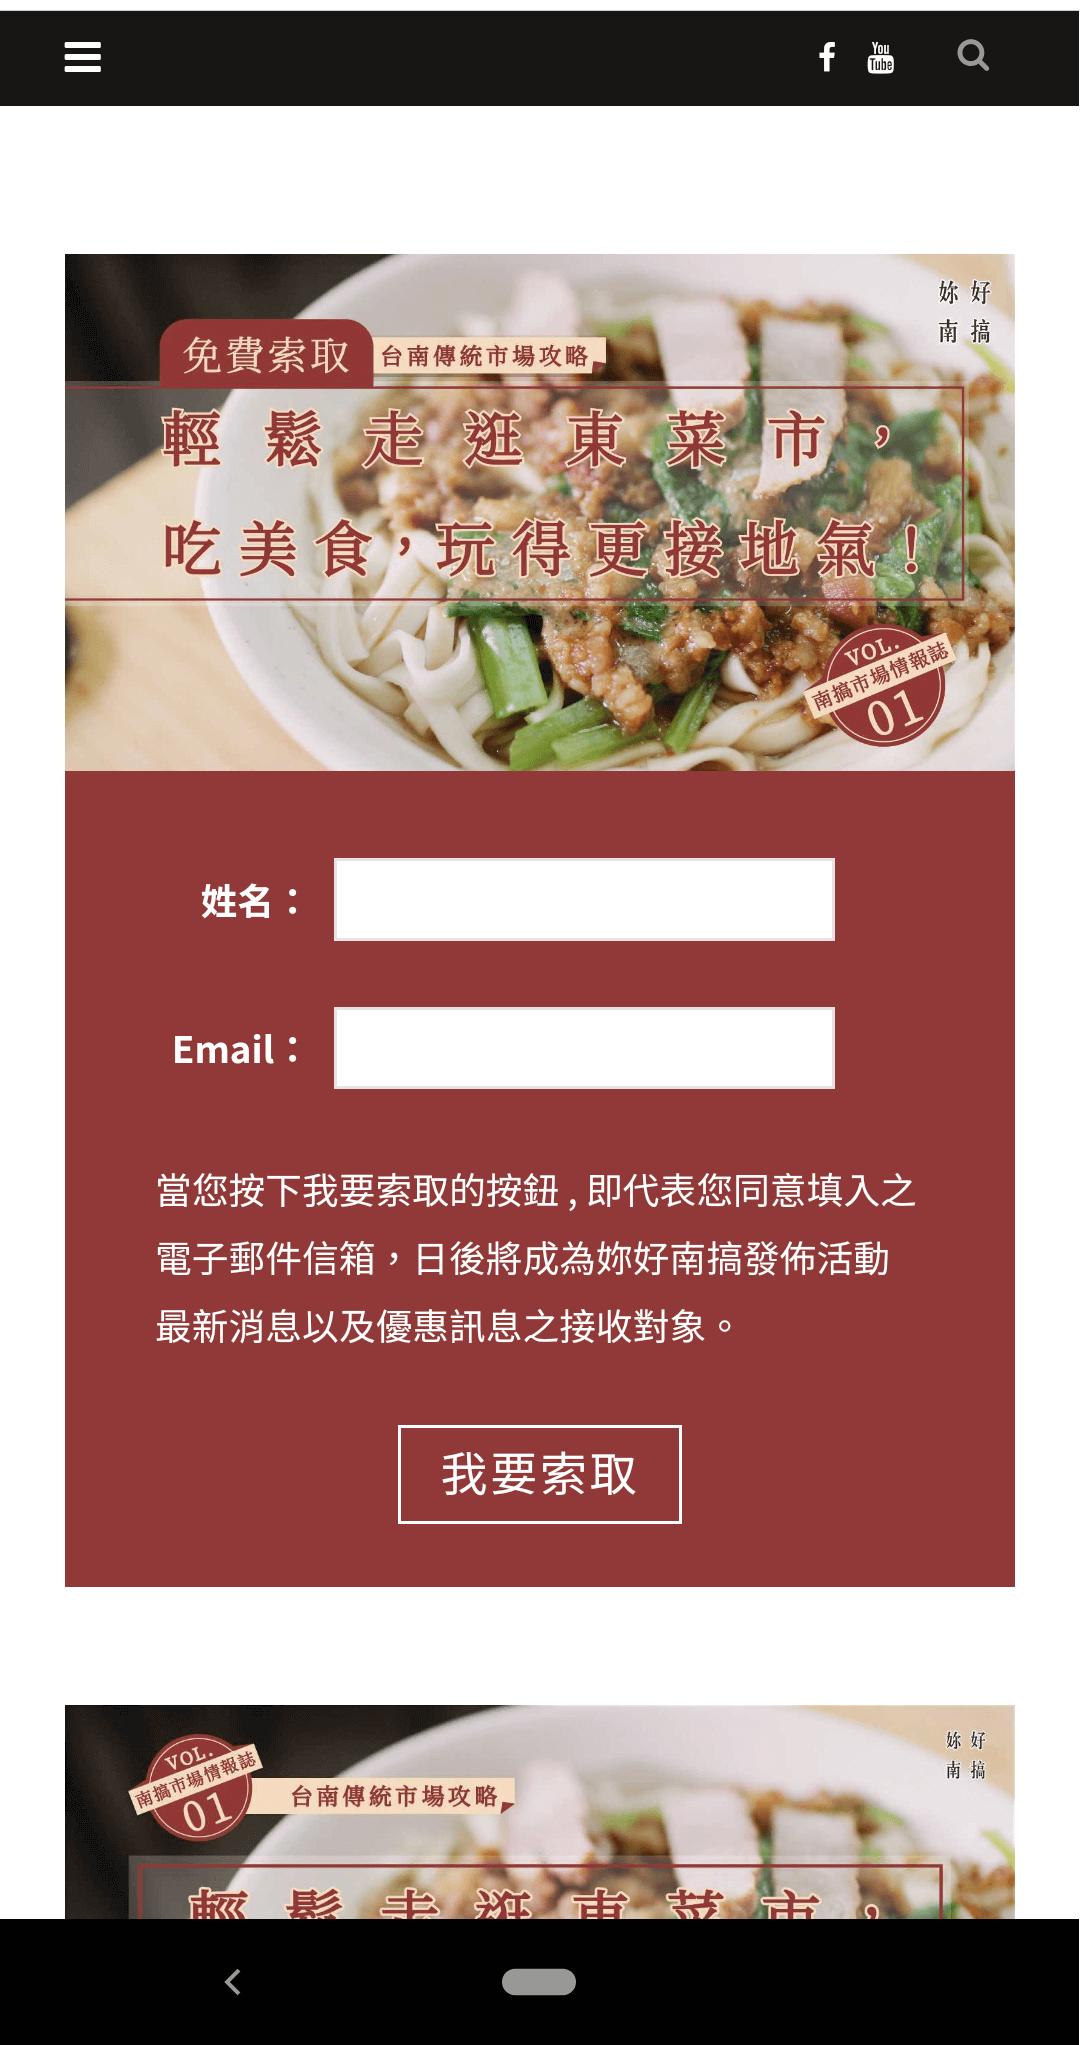 台南旅遊-主廚的菜籃子-桌機版本-妳好南搞